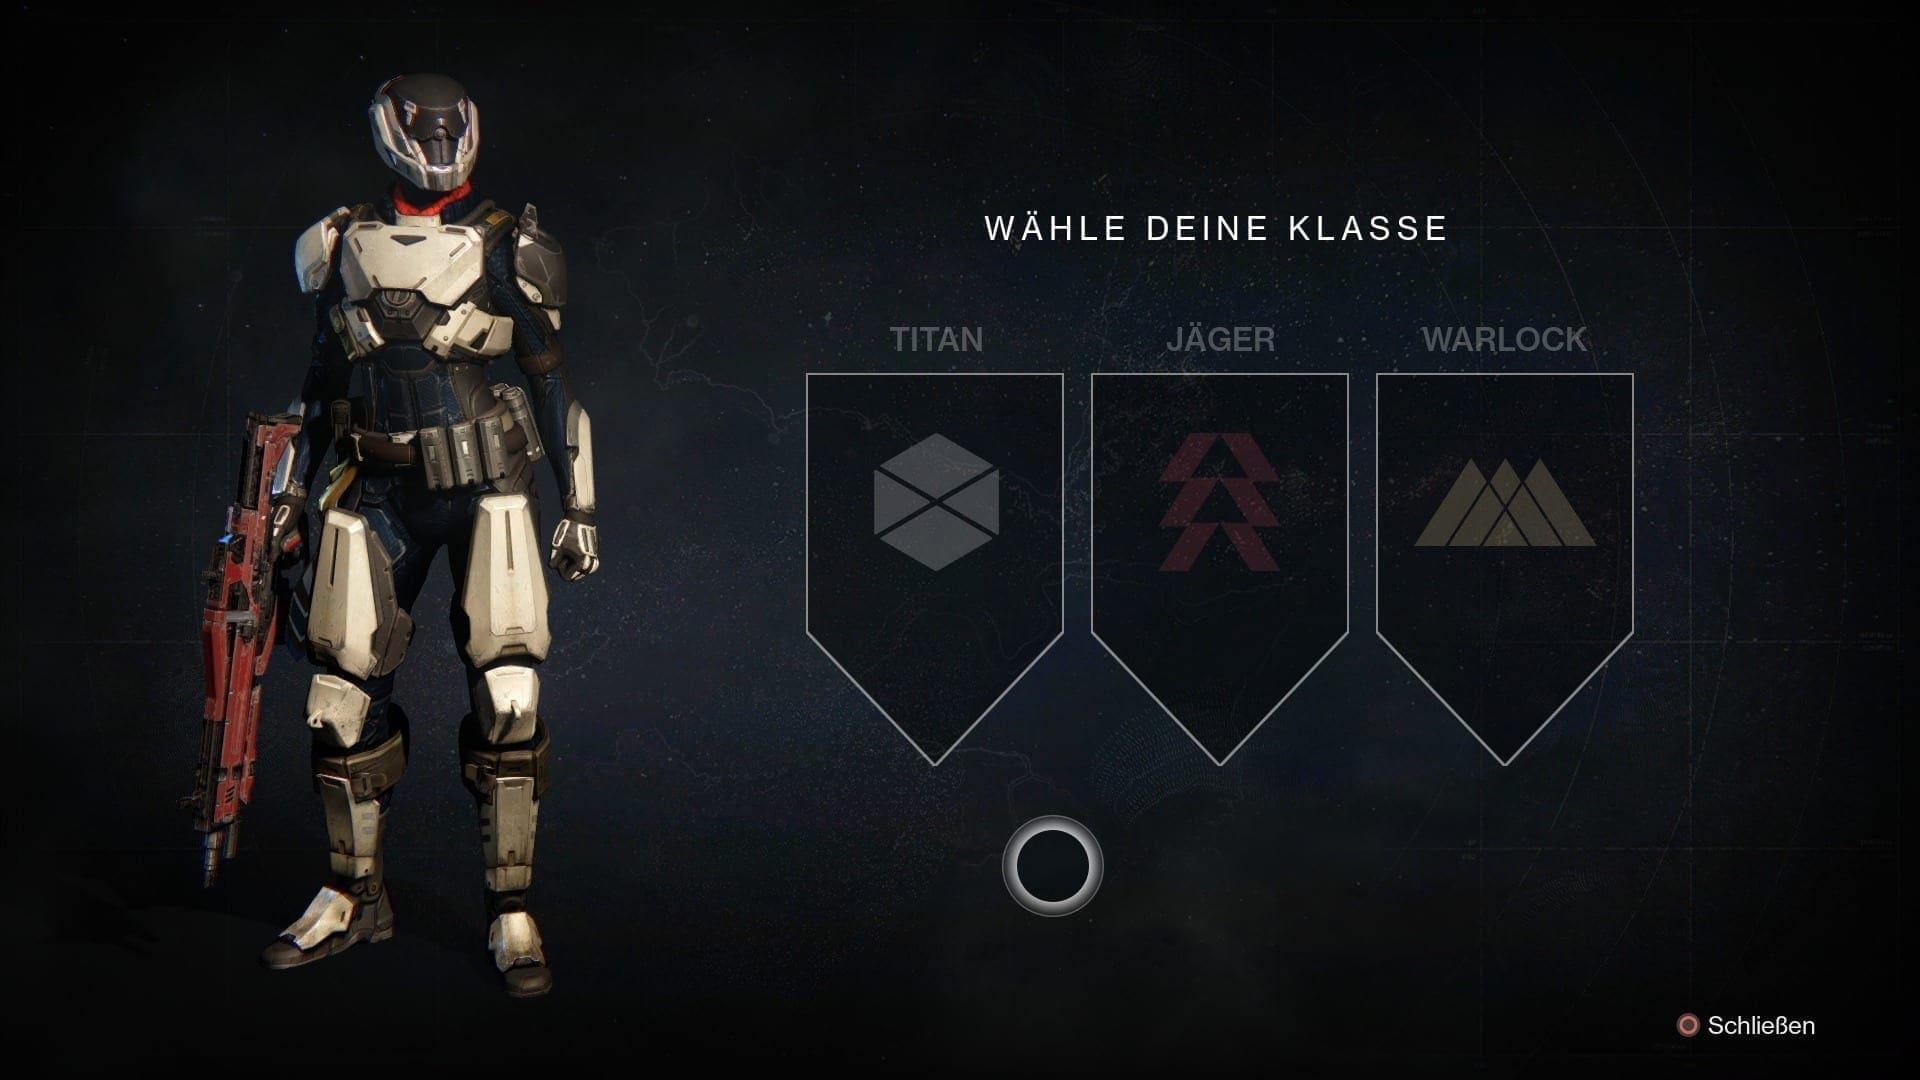 Titan - eine Kampfmaschine mit massiver Feuerkraft